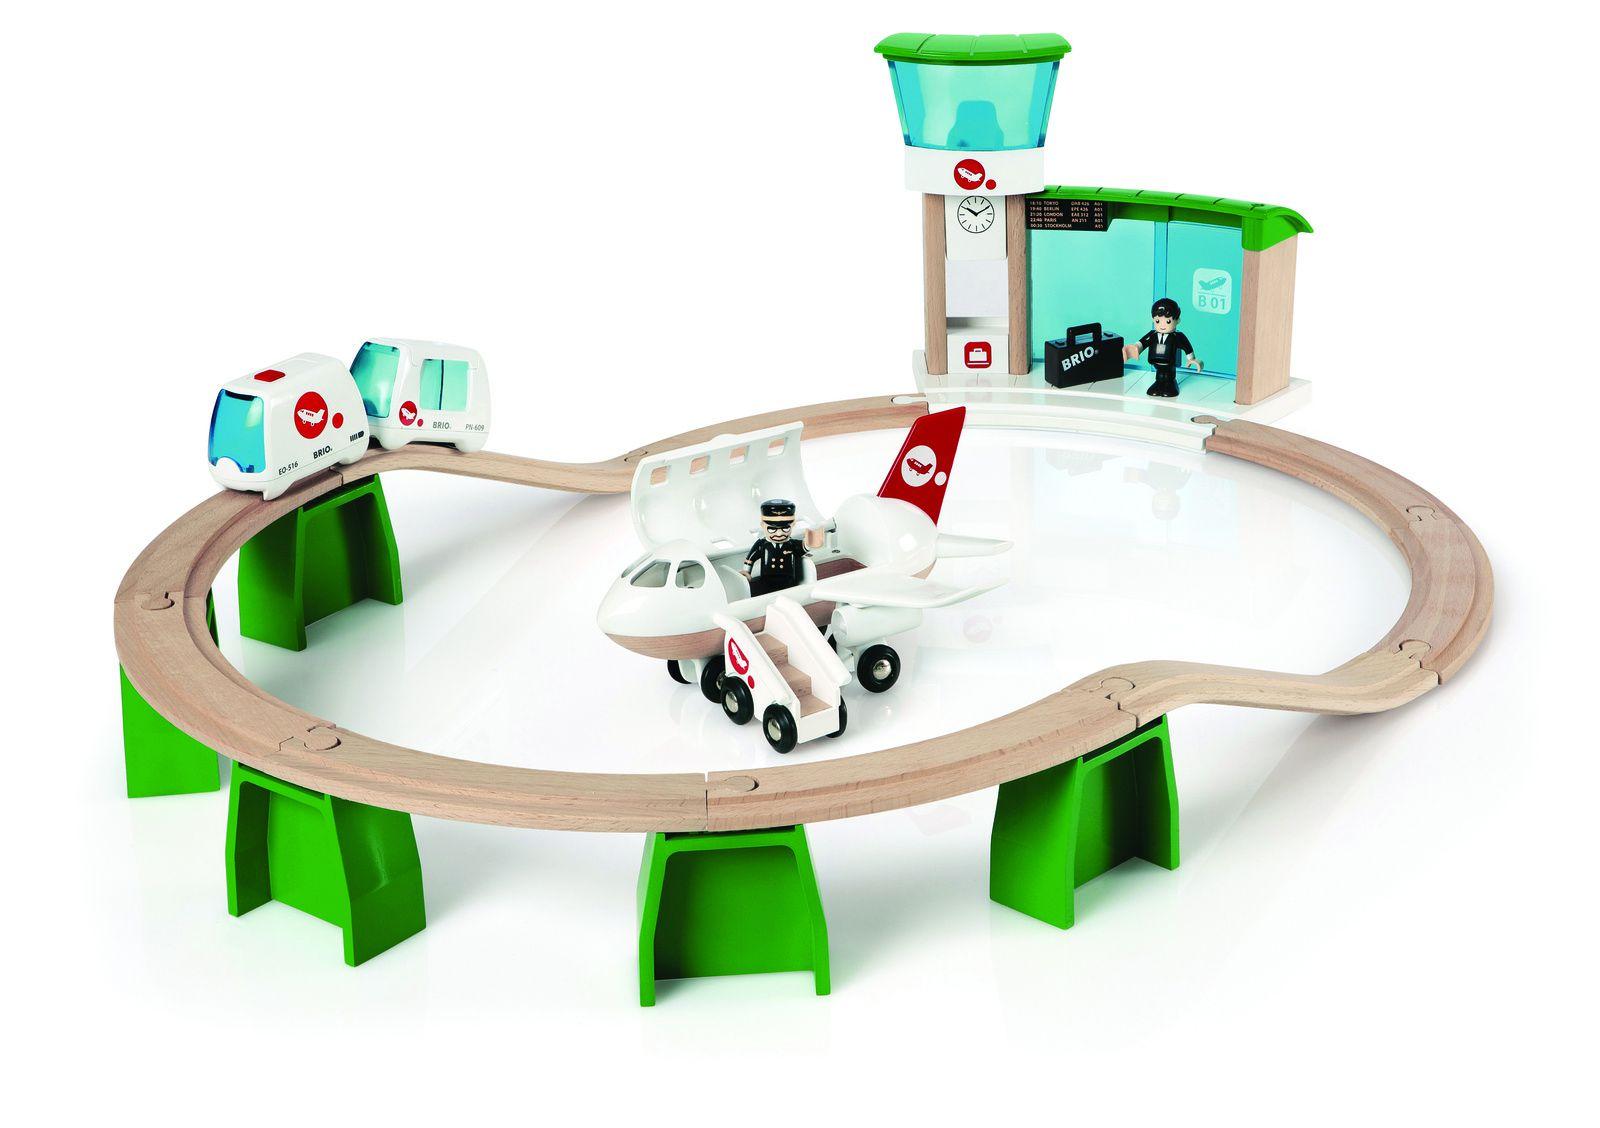 Nouveauté Brio : le circuit monorail. Les enfants transportent les voyageurs jusqu'à l'aéroport en les embraquant à bord de la navette monorail